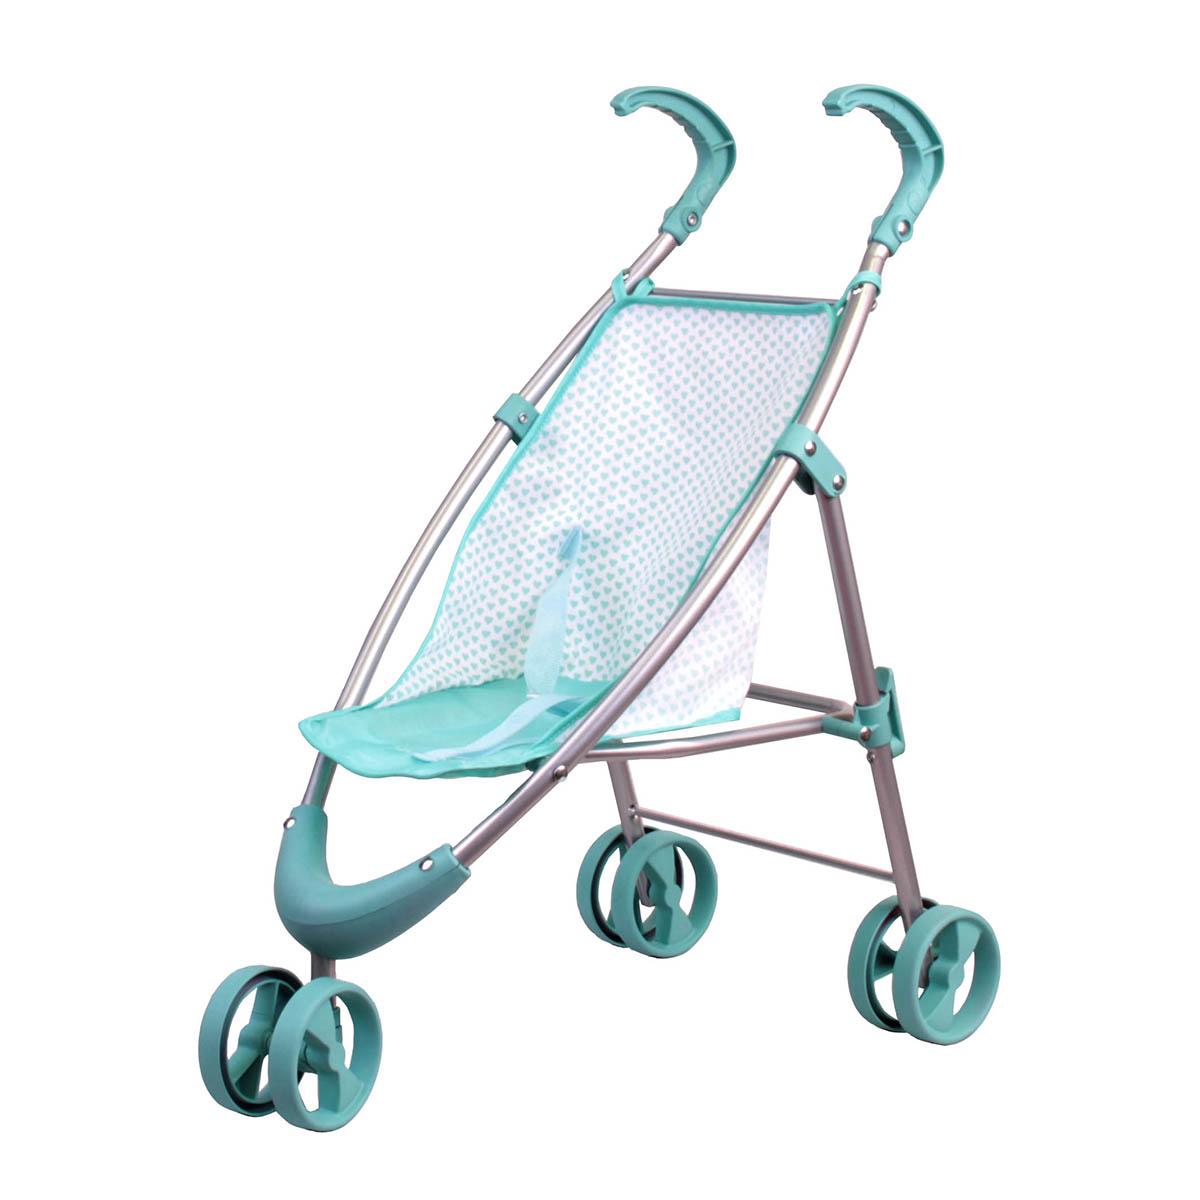 Купить Прогулочная коляска мятная, Gulliver